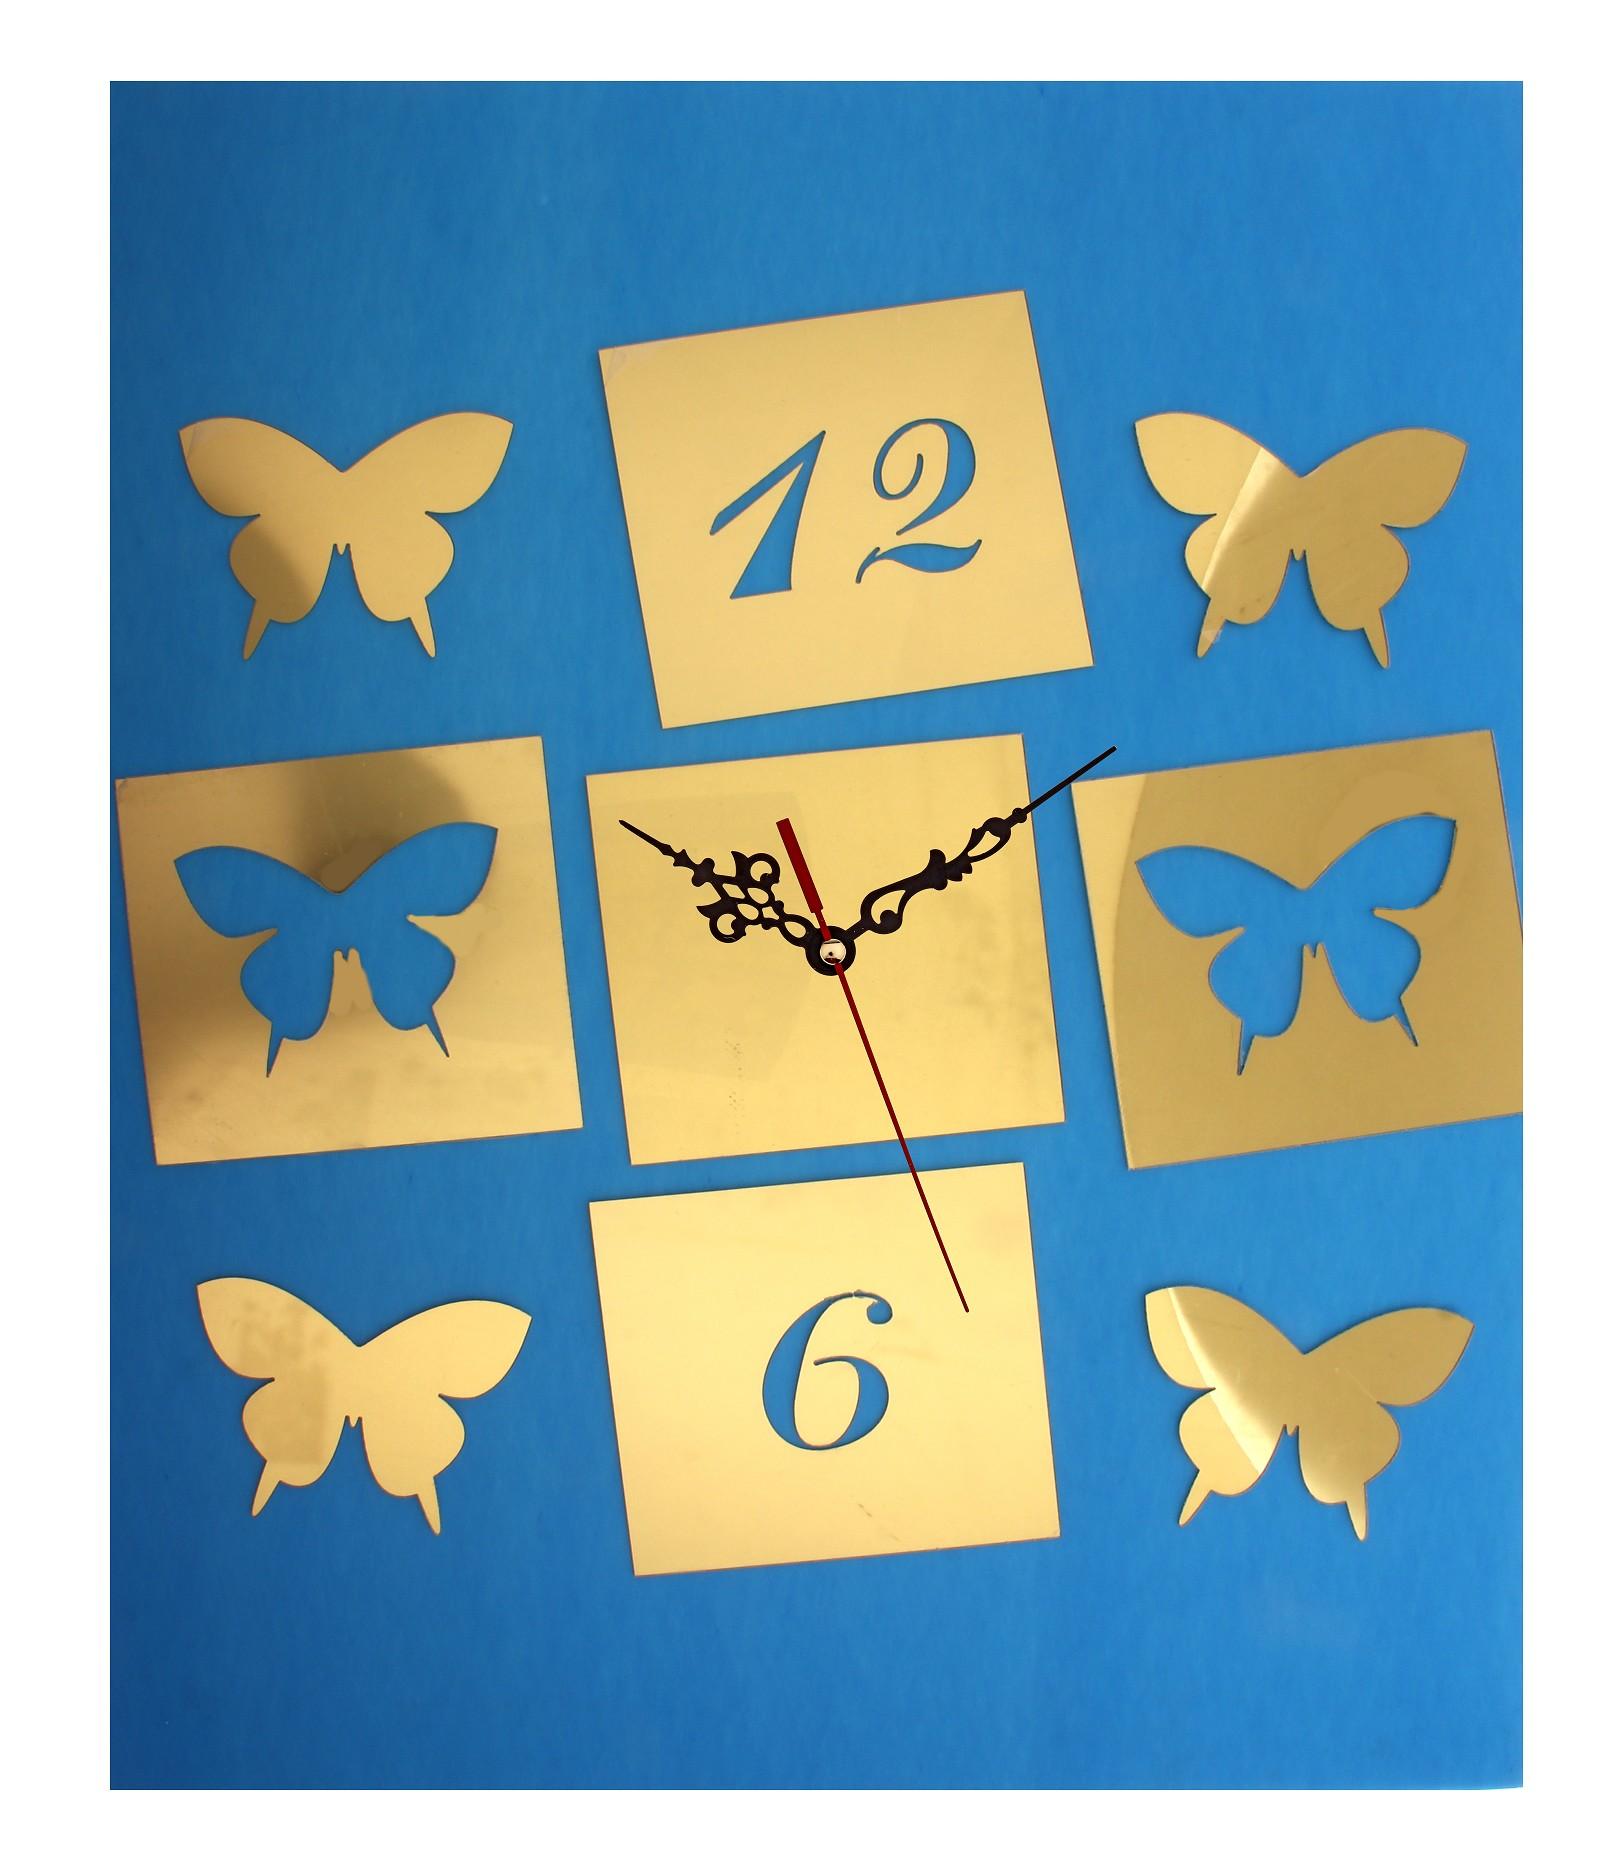 Часы-наклейка Бабочки, 60 х 44 см 729553729553Часы-наклейка Бабочки изготовлены из пластика золотистого цвета с глянцевой поверхностью. Часы выполнены в виде круглого основания (циферблат), в которое вставляется часовой механизм со стрелками. Для большего декоративного эффекта к основанию прилагаются дополнительные наклейки в виде бабочек. Если Вы – любитель перестановок или вам приходится часто переезжать, то часы-наклейка многоразового использования – это то, что вам нужно: они не требуют гвоздей в стене и фиксации на одном месте. Легкие и компактные они украсят интерьер и никогда не примелькаются. Характеристики: Материал: пластик. Цвет: золотистый. Диаметр основания: 13 см. Размер композиции: 60 см х 44 см. Длина стрелки: 12 см. Изготовитель: Китай. Артикул: 729553.